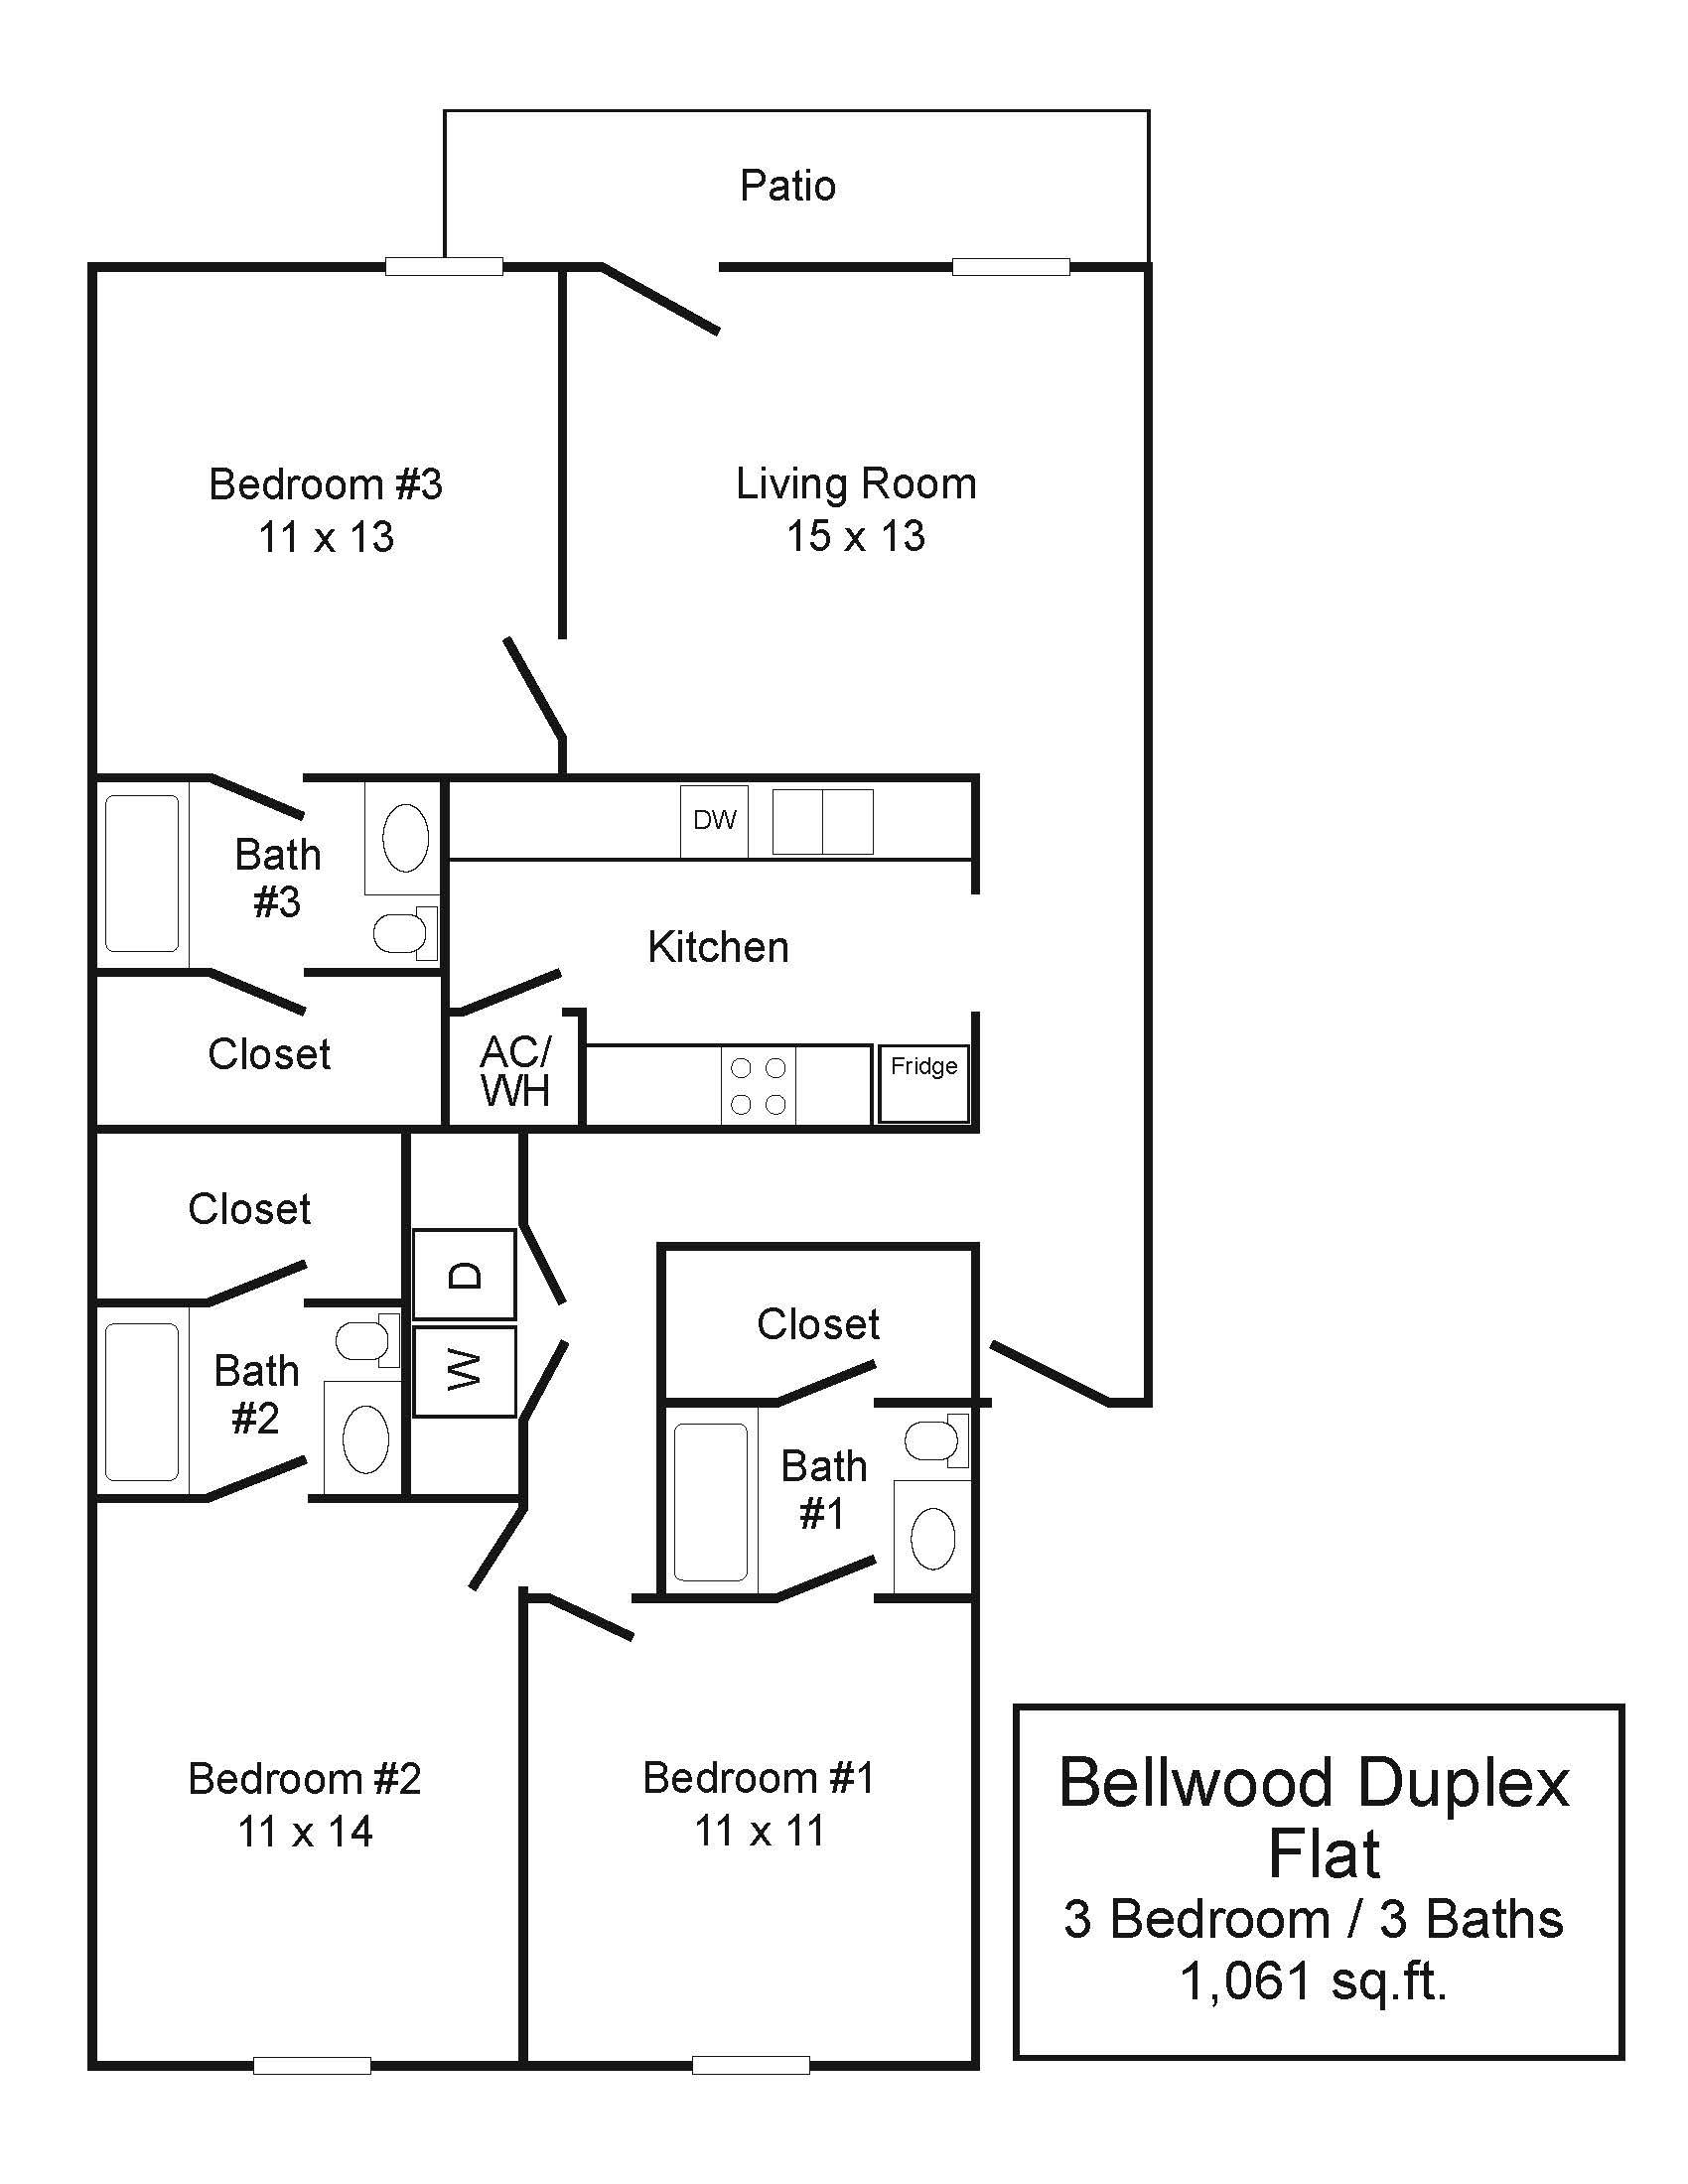 Bellwood Duplexes 3/3 Flat